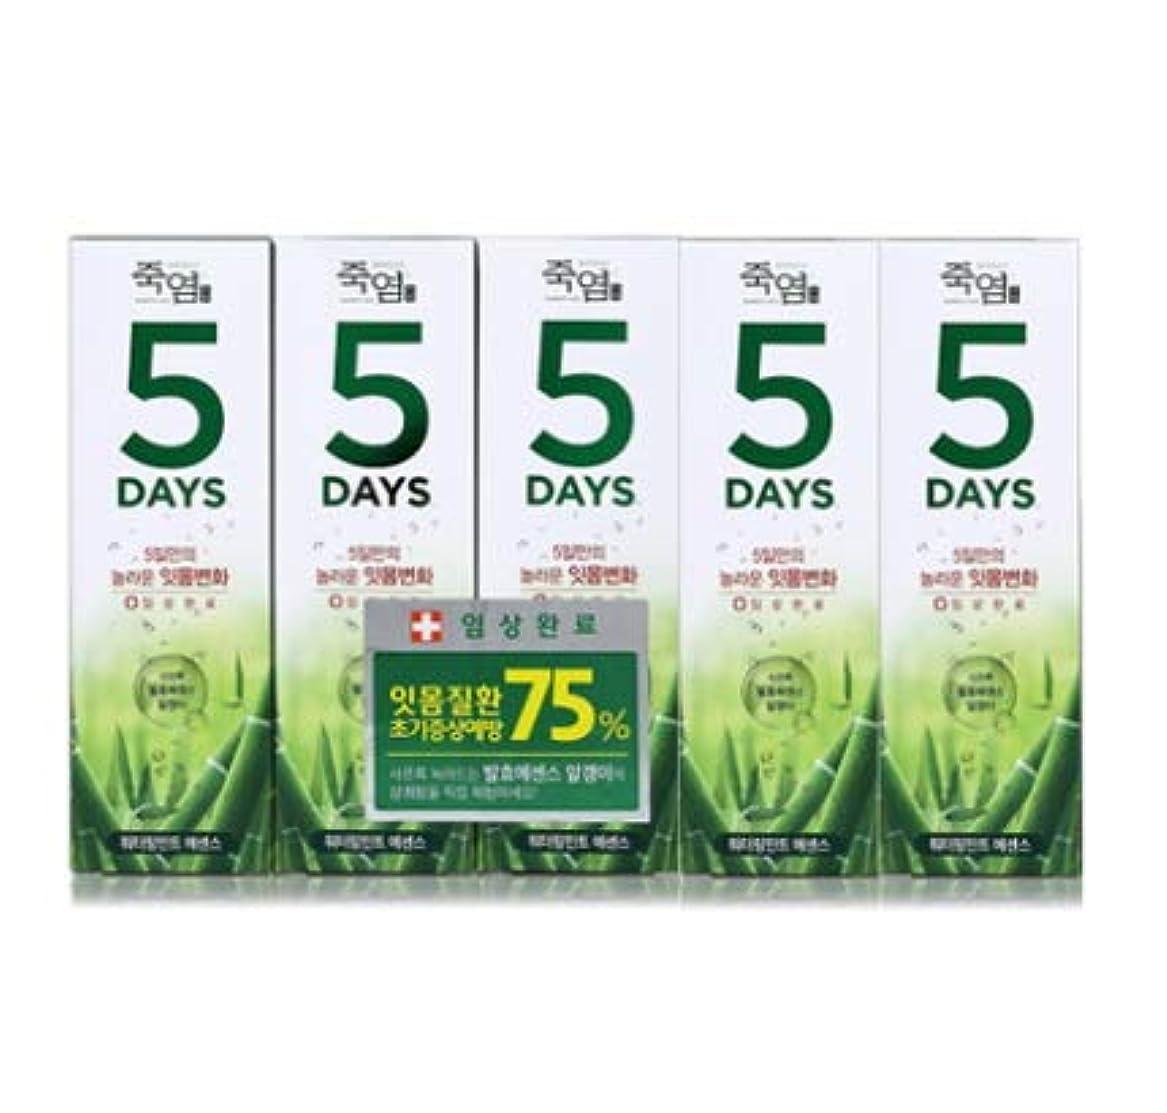 あごひげしわ[LG Care/LG生活健康]竹塩歯磨き粉5daysウォーターリングミント100g x5ea/歯磨きセットスペシャル?リミテッドToothpaste Set Special Limited Korea(海外直送品)